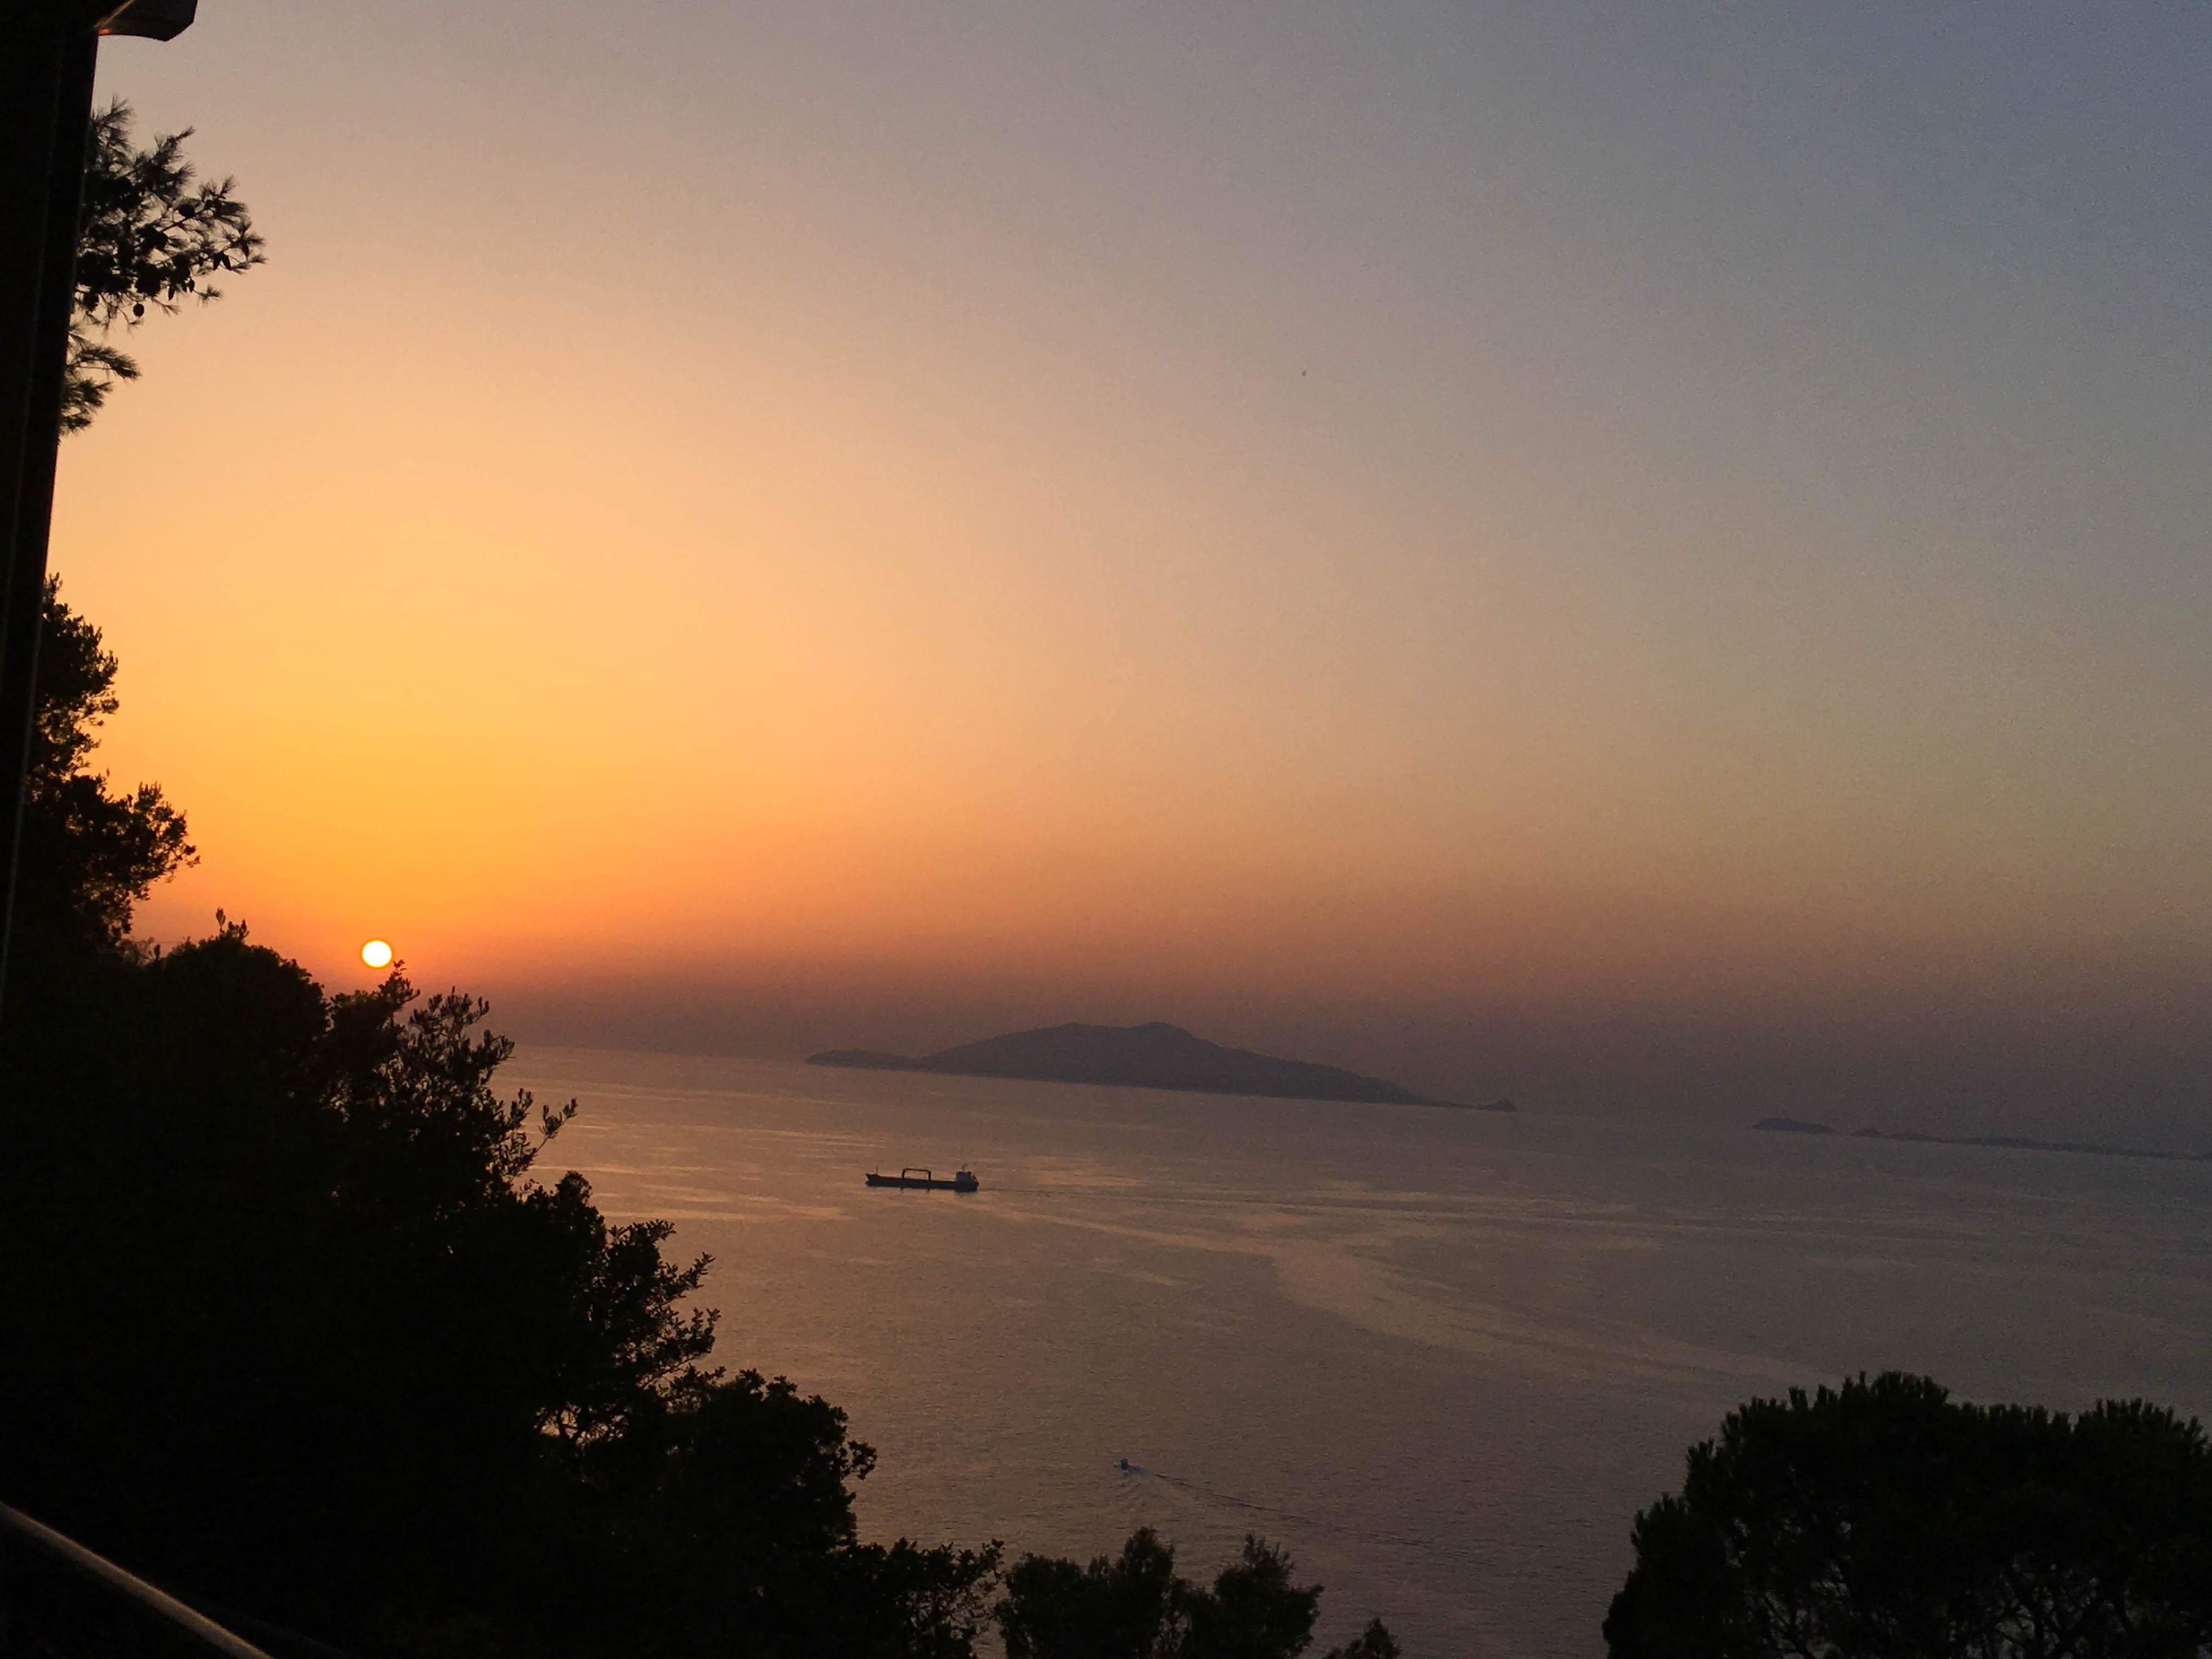 Widok z Capri na wysypy Zatoki Neapolitańskiej